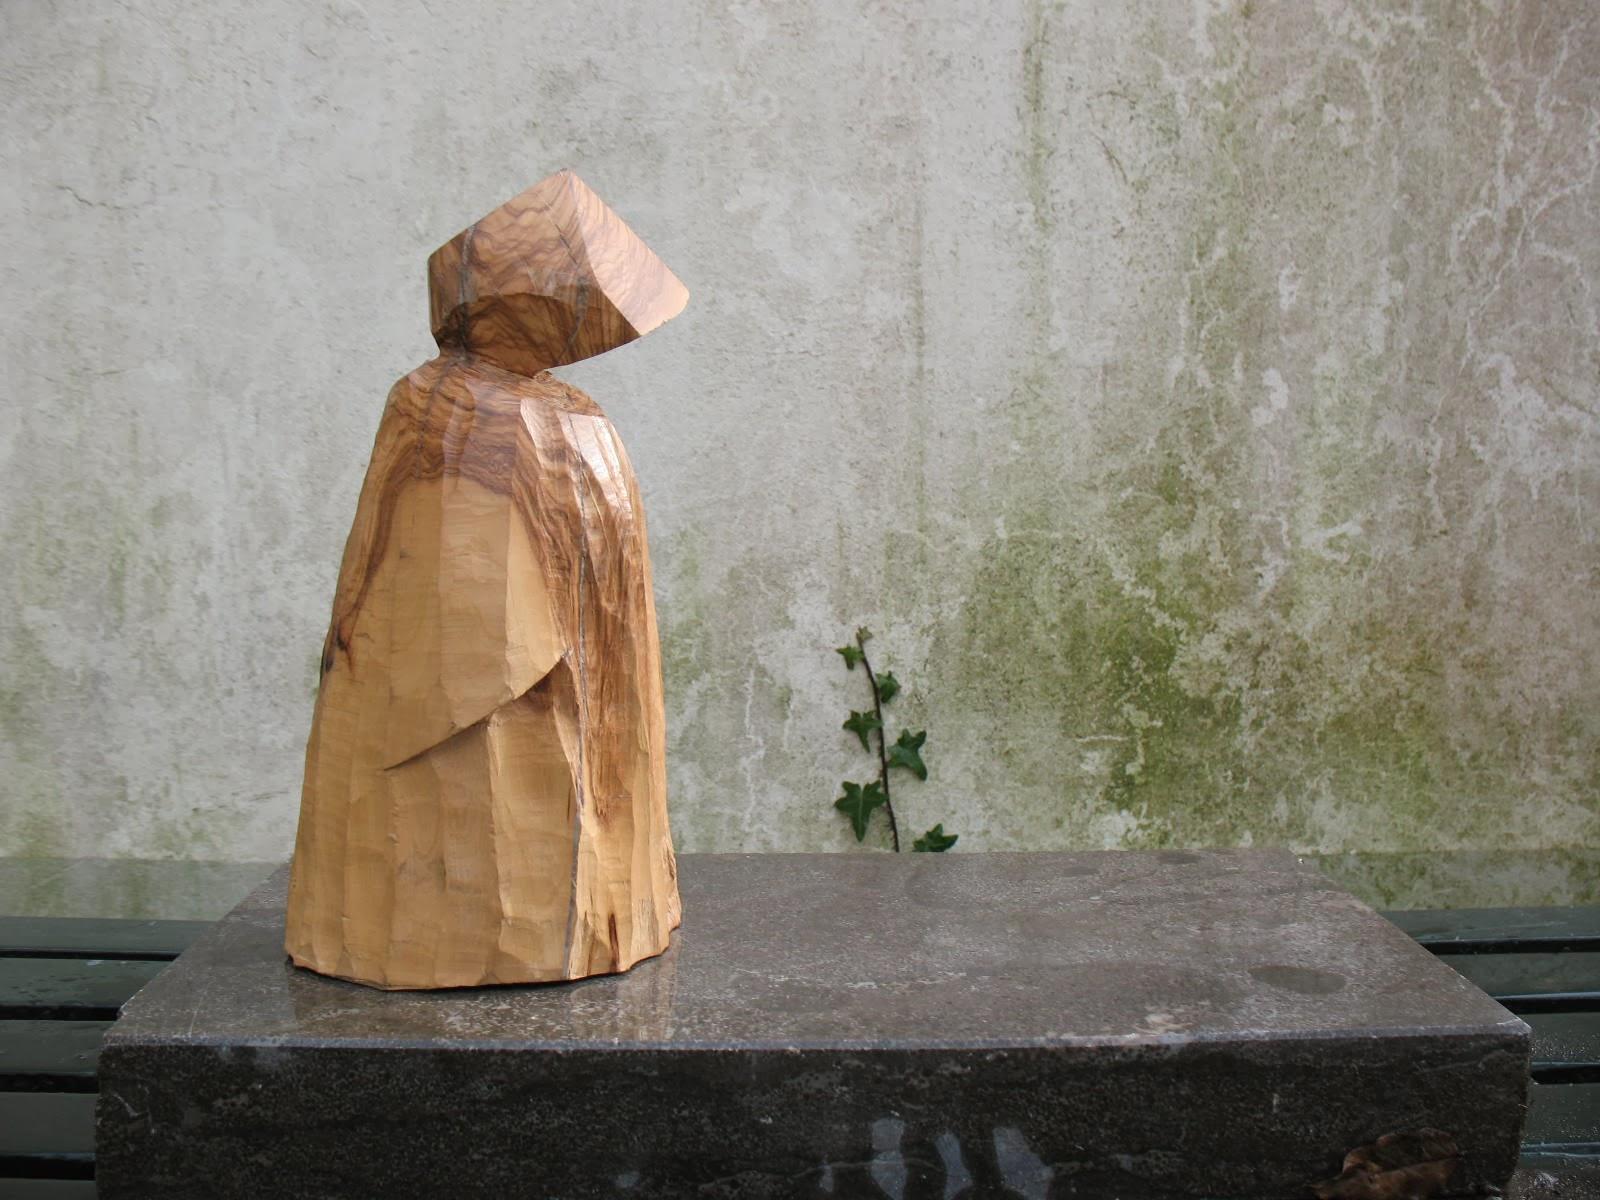 Beeld van olijvenhout getiteld Monnik uit 2012